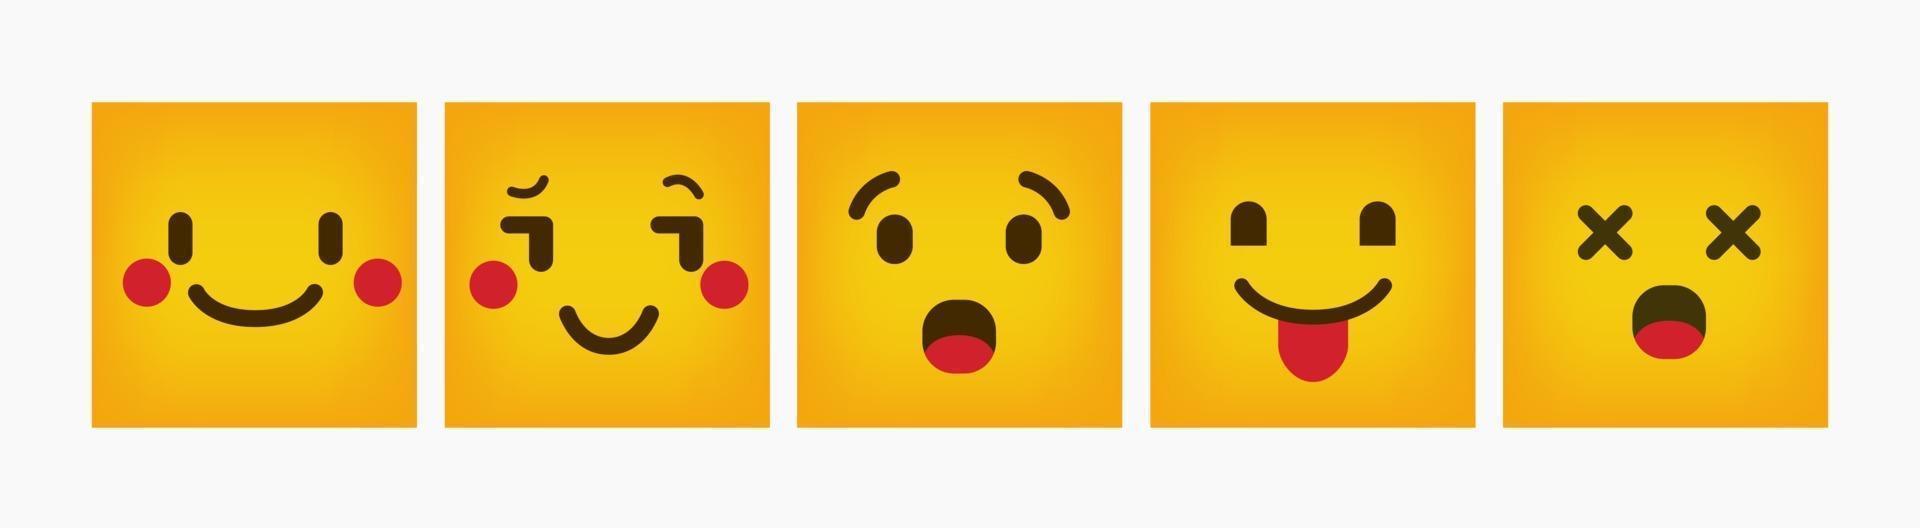 emoticon design reazione quadrato piatto set vettore